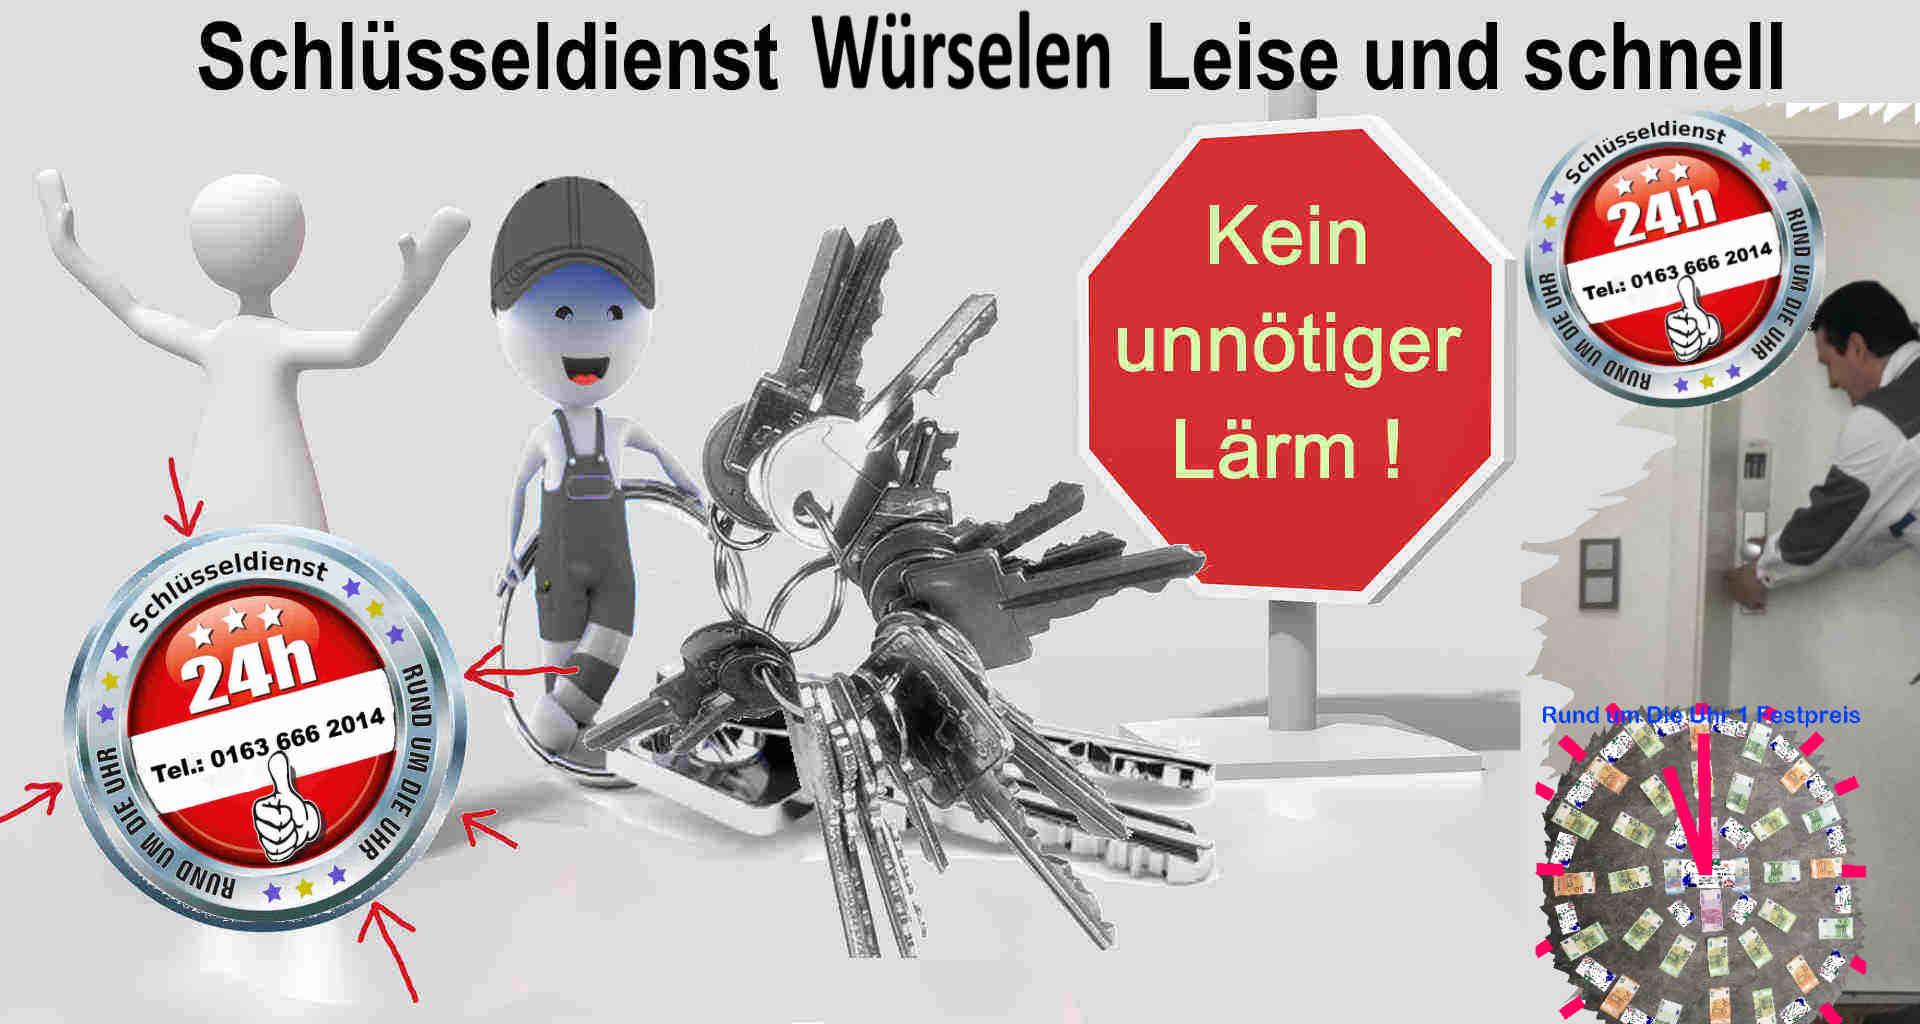 Schlüsseldienst Würselen - Schnell - Leise und Diskret - Tür Öffnen in Würselen zum 50 Euro Festpreis